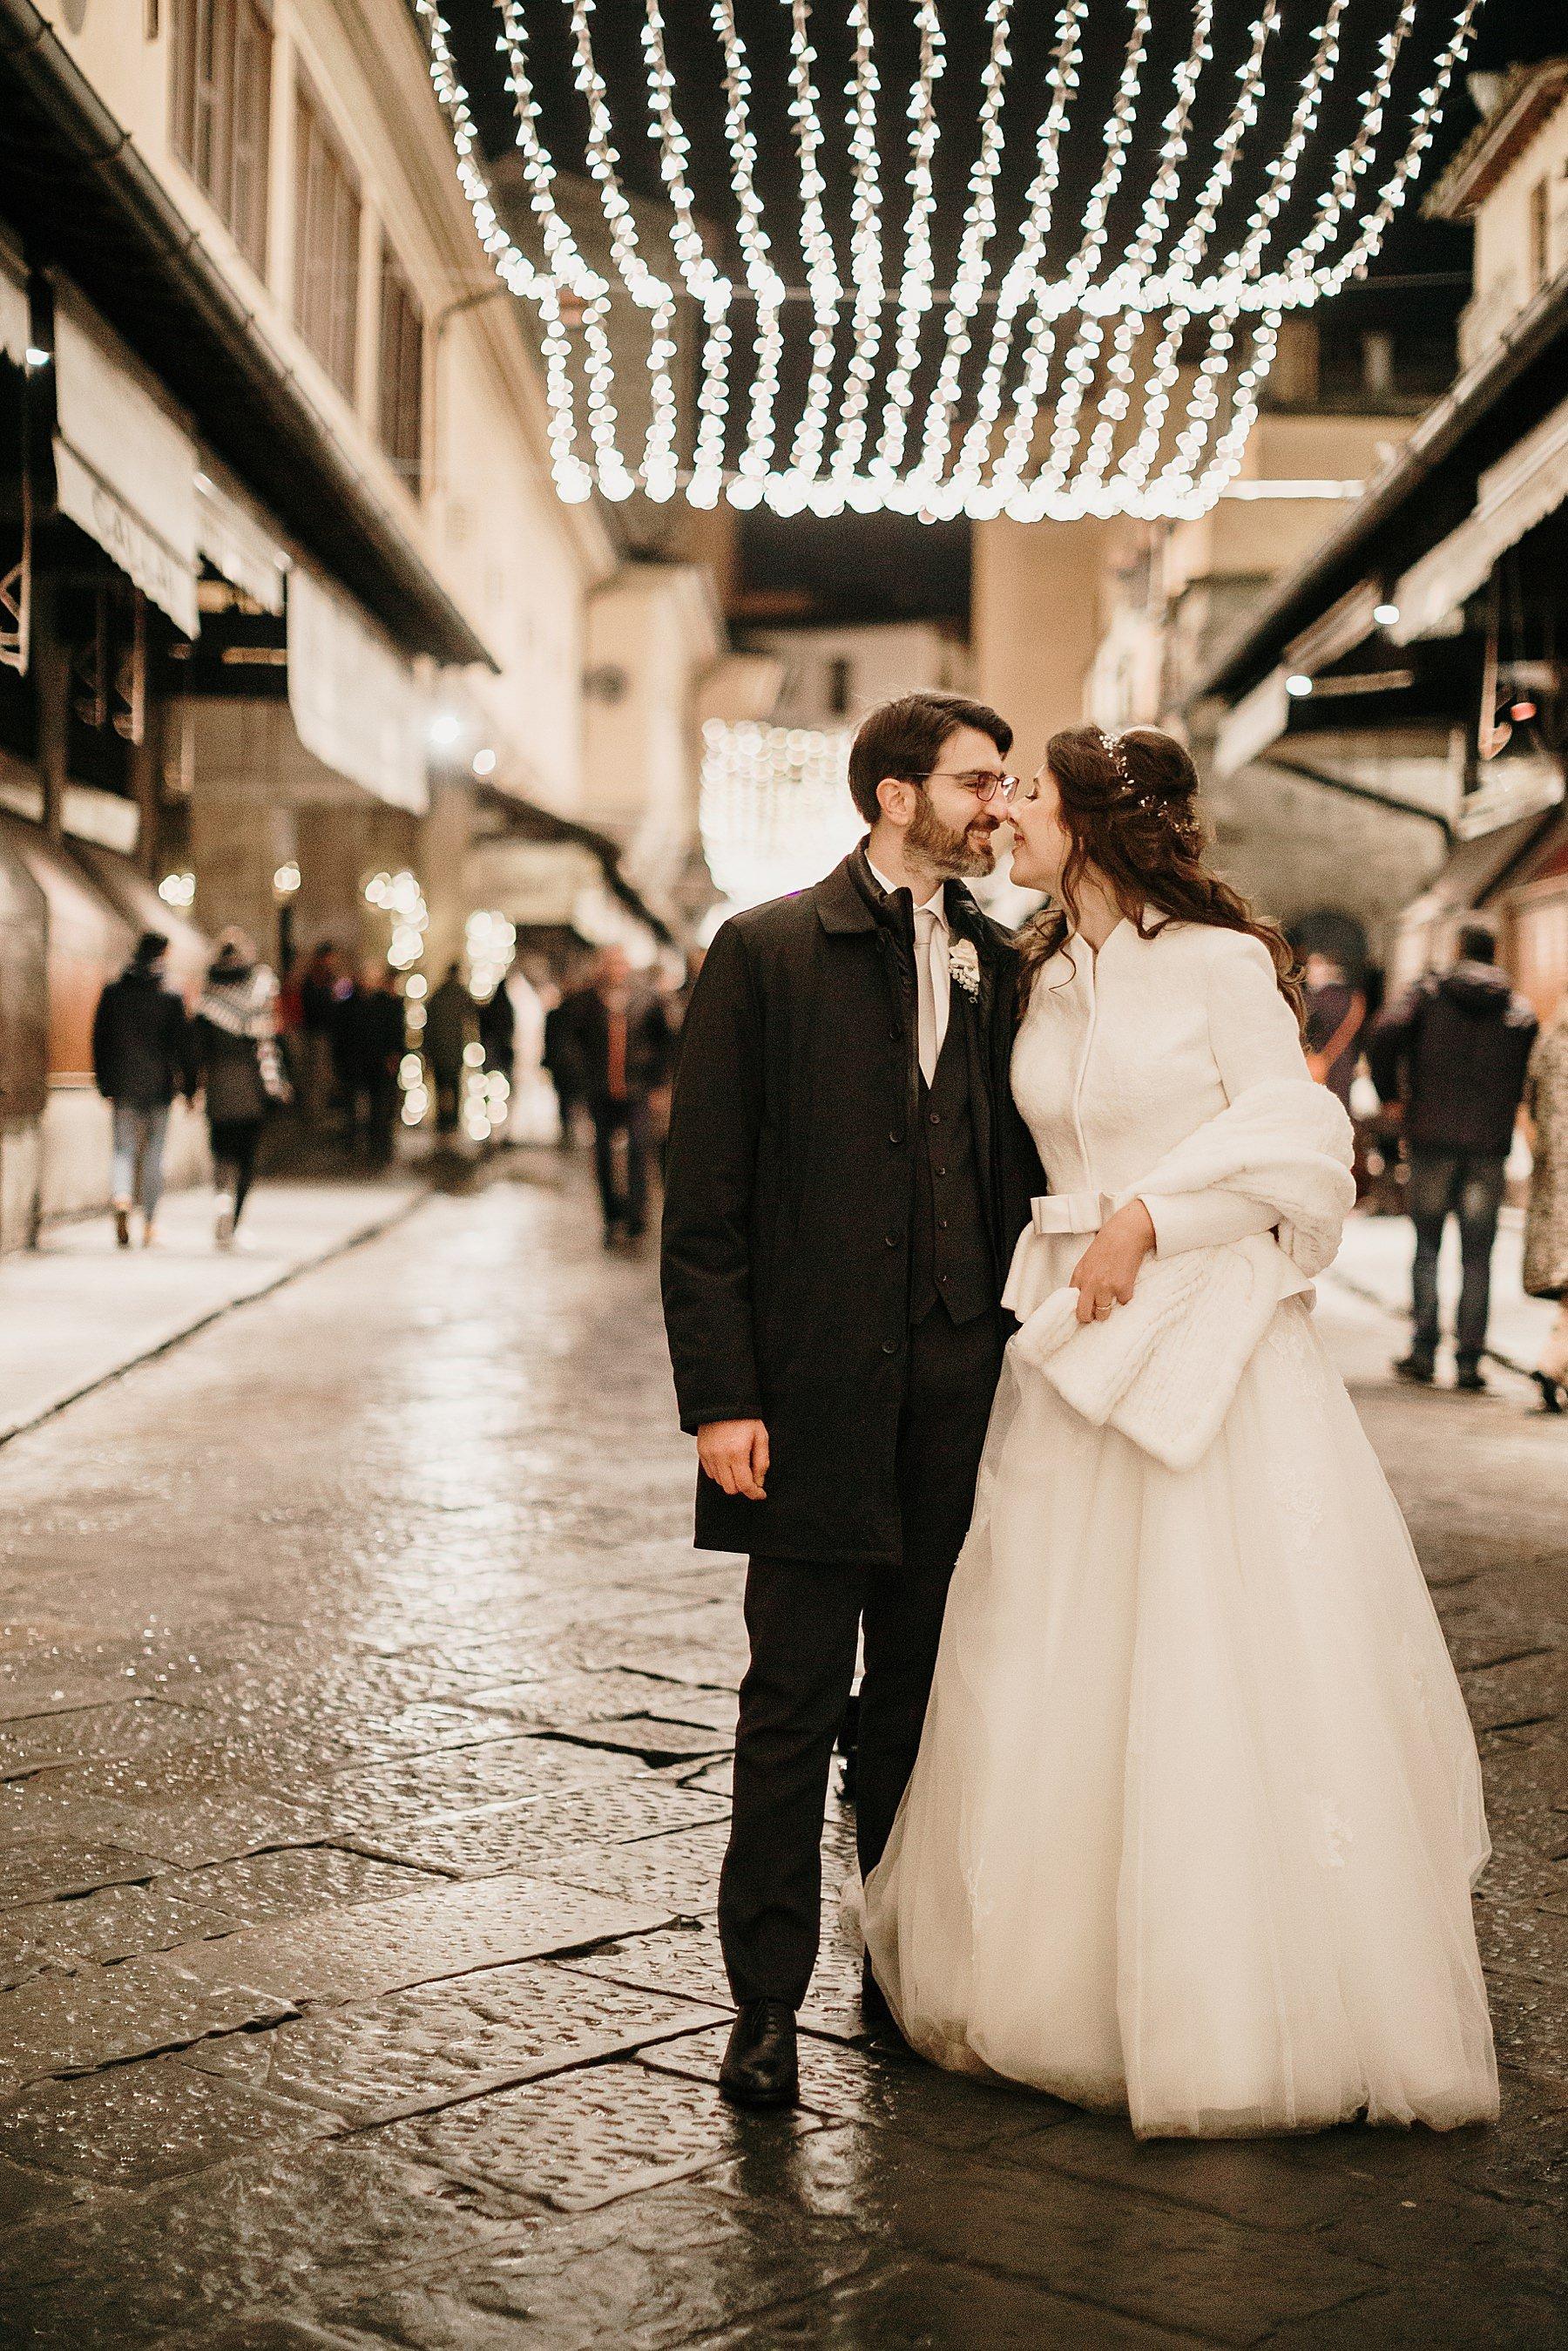 fotografia di matrimonio a firenze in inverno 773